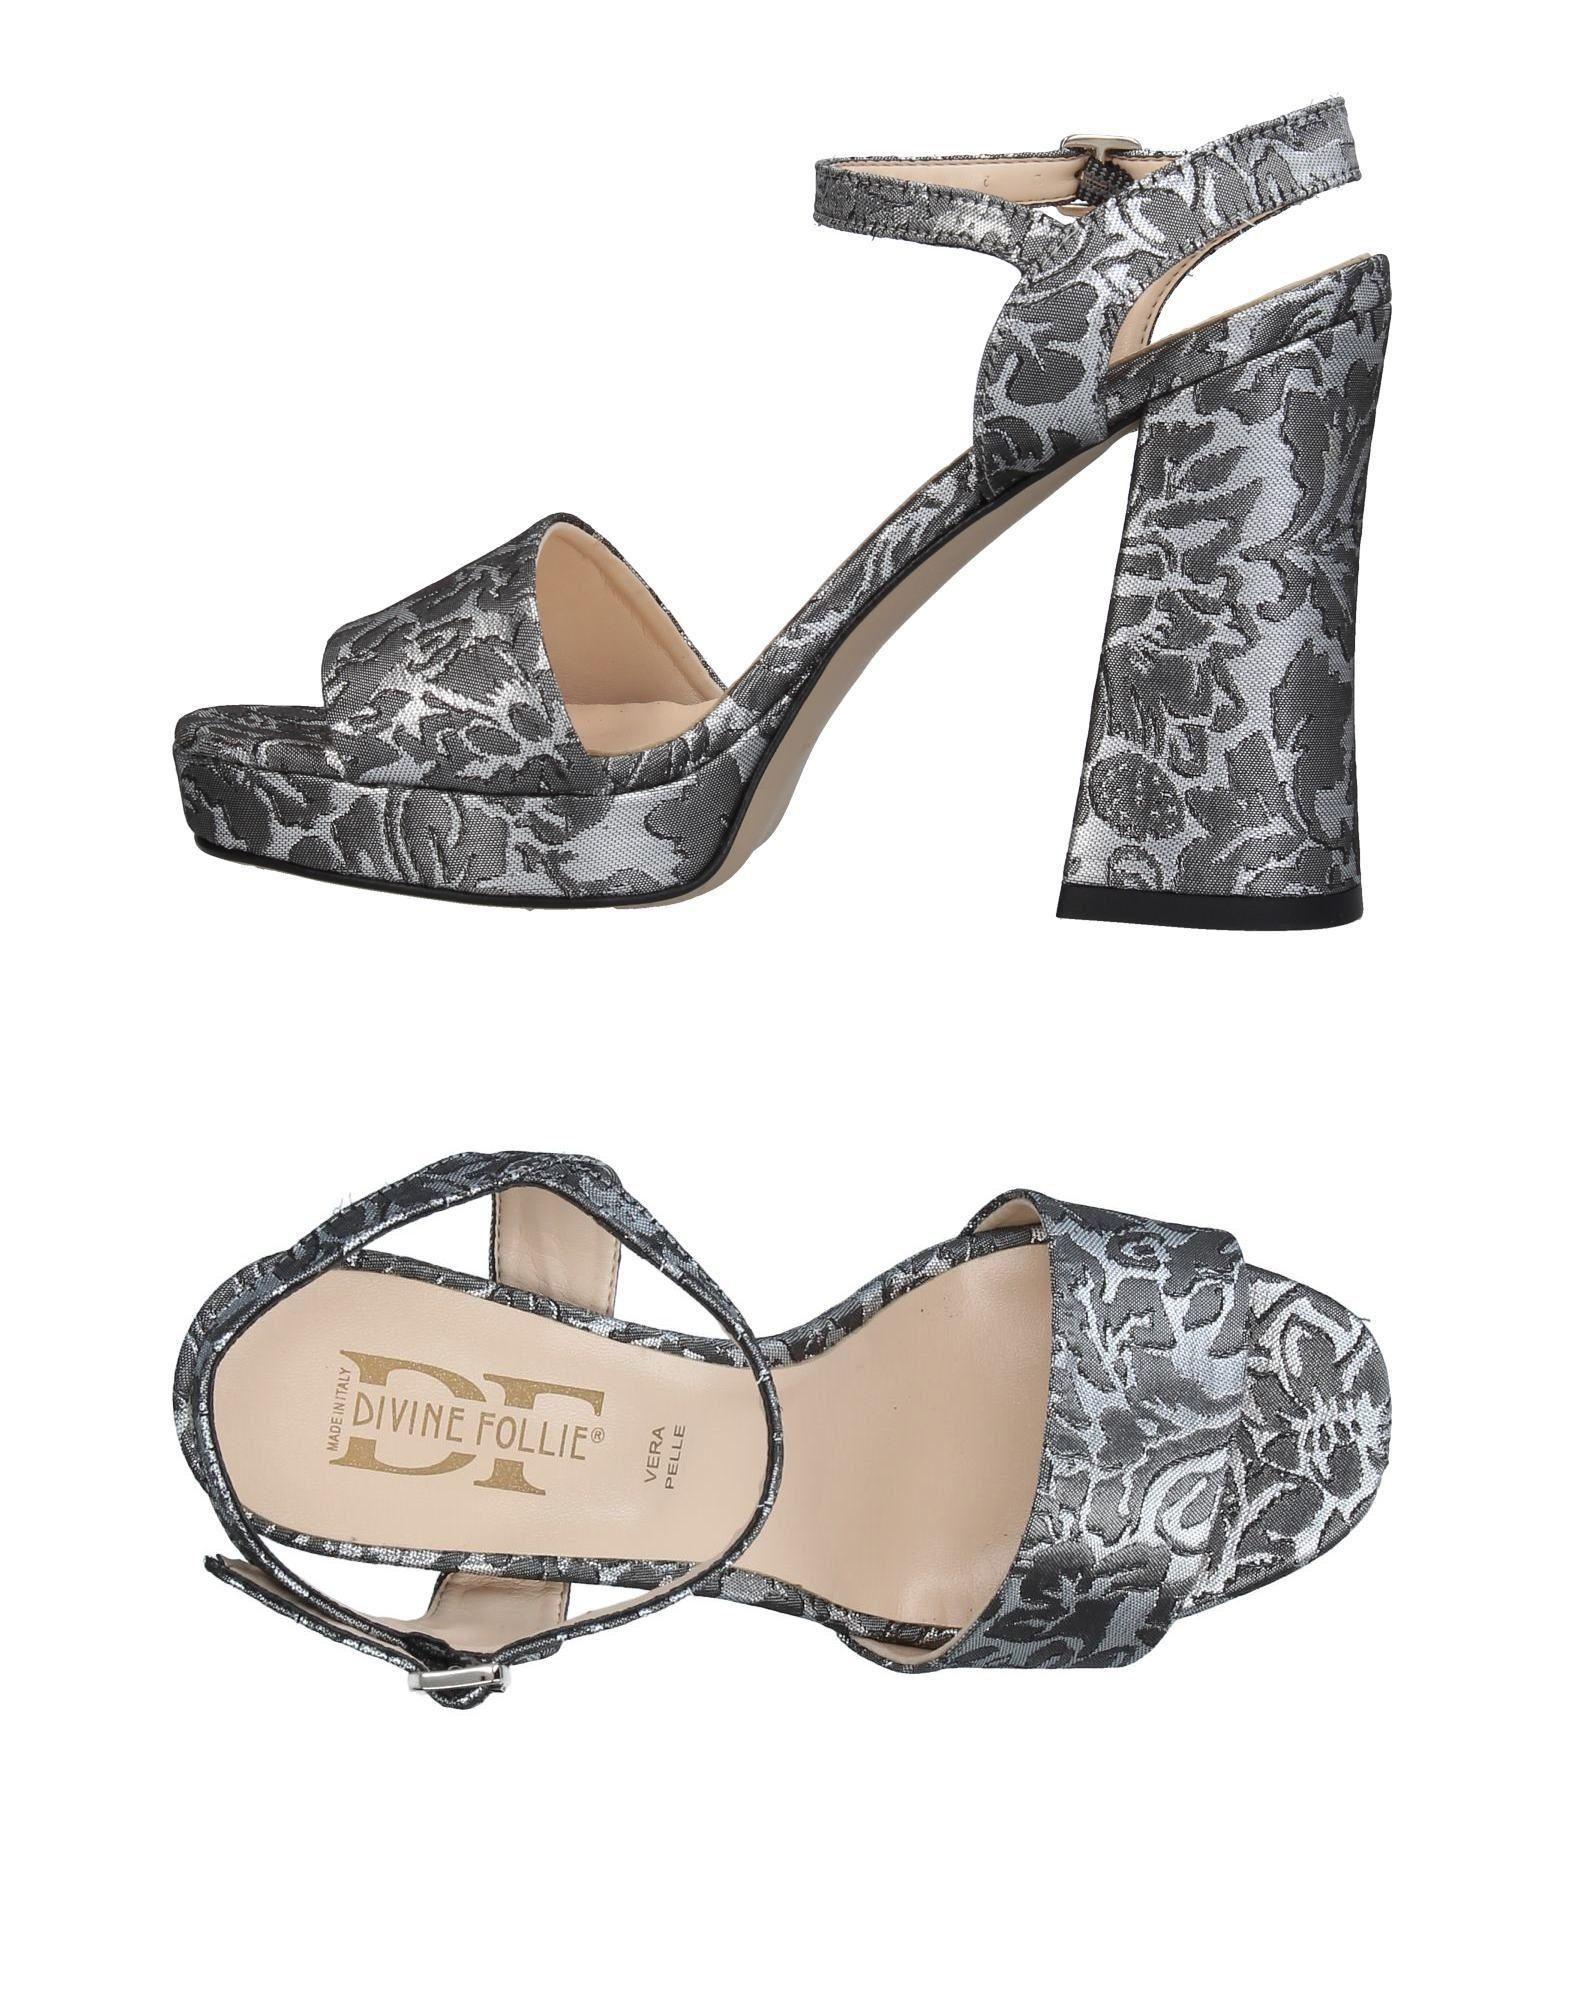 DIVINE FOLLIE Damen Sandale Farbe Grau Größe 9 jetztbilligerkaufen